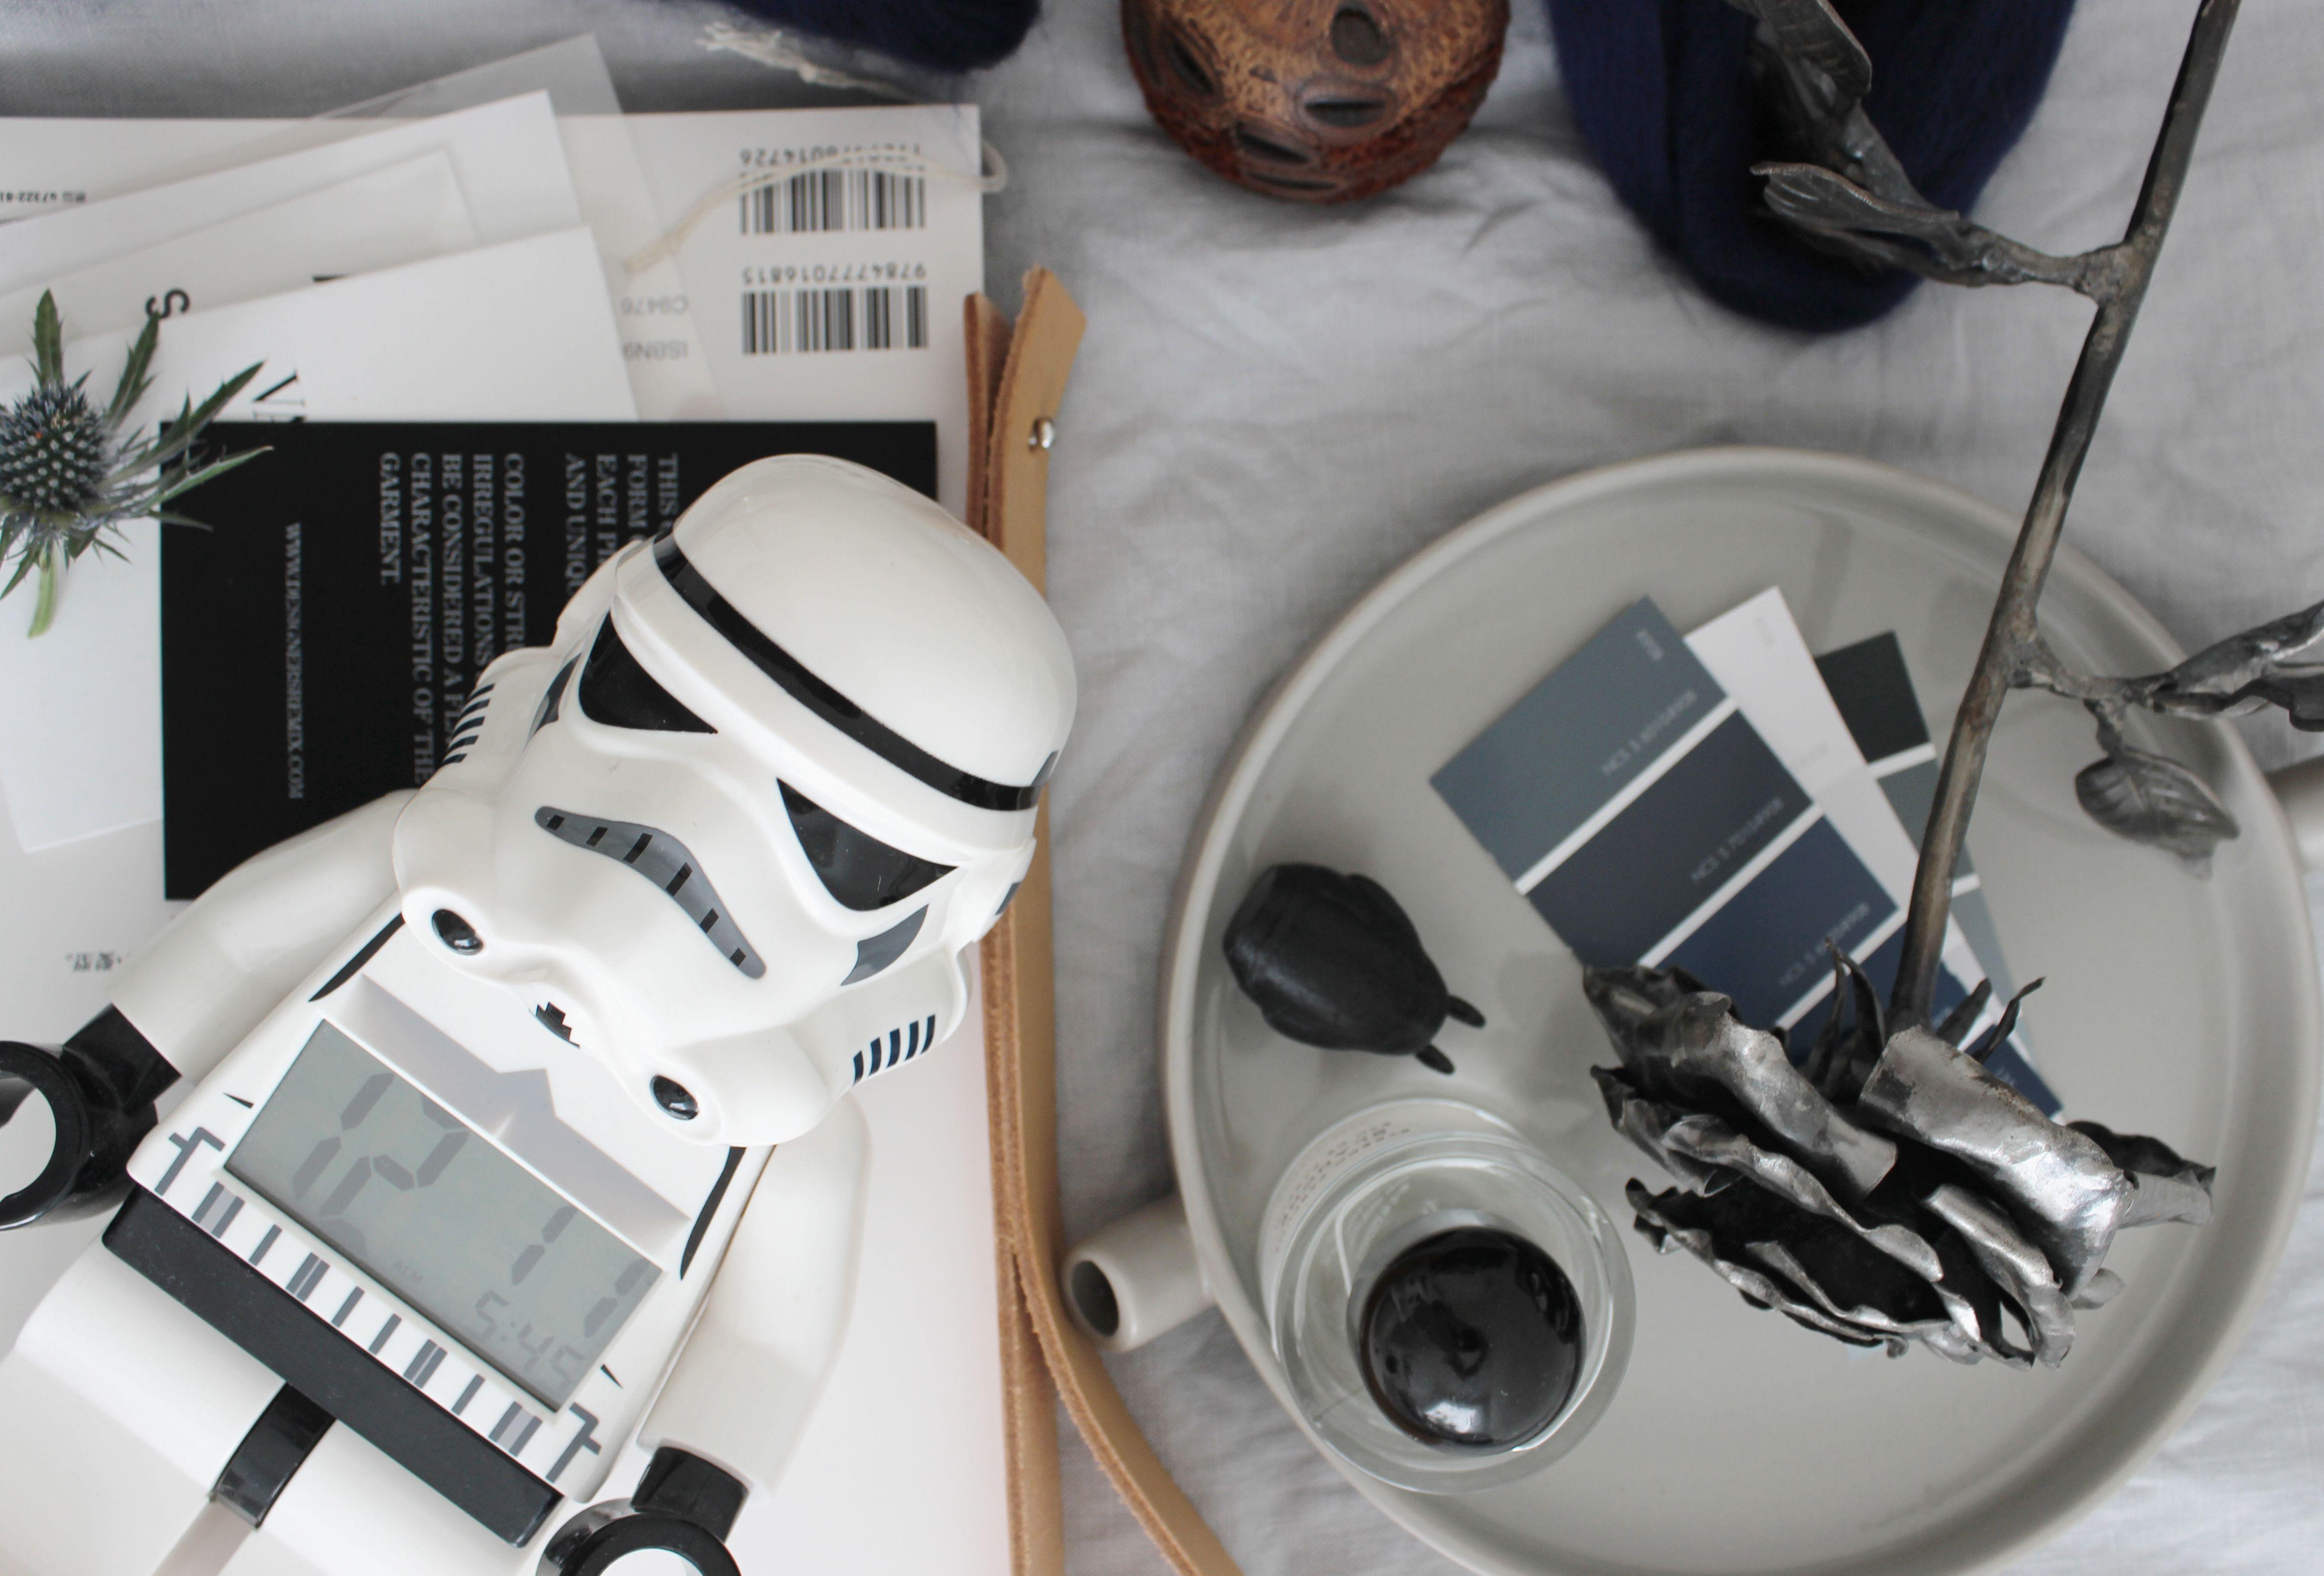 LEGO stormtrooper alarm clock, via http://www.scandinavianlovesong.com/